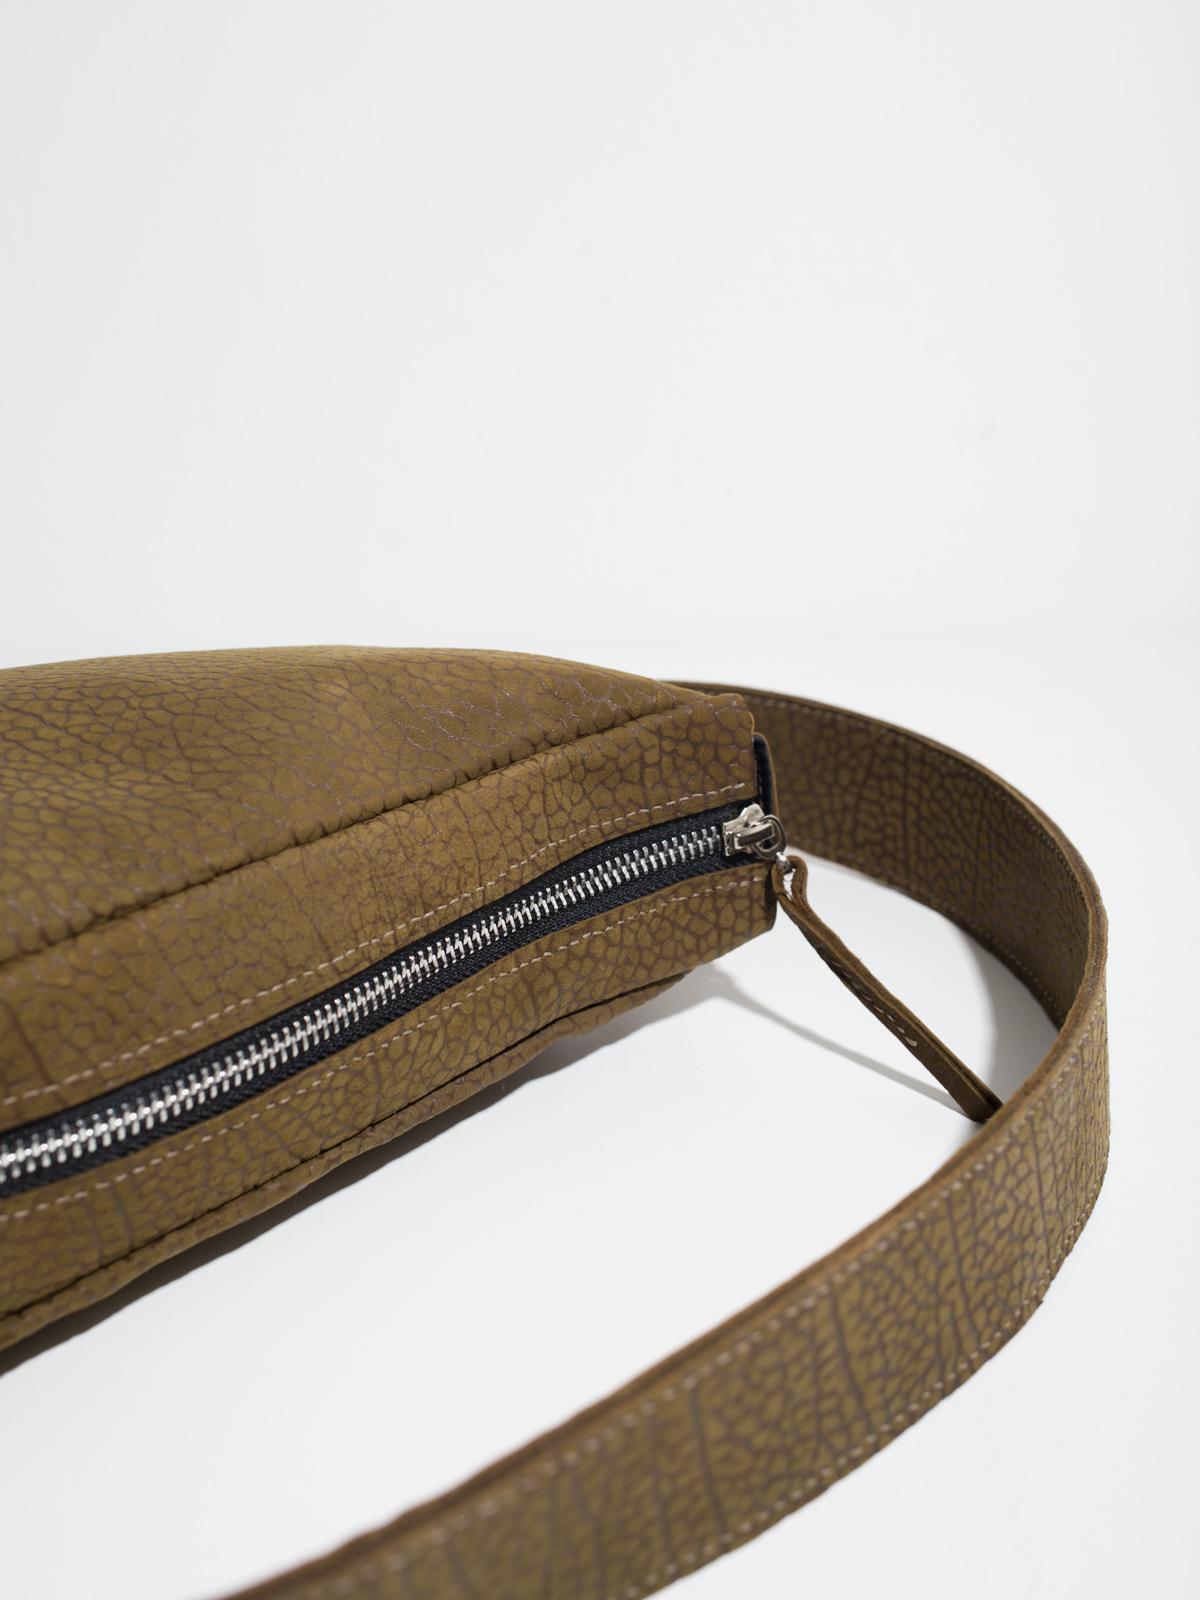 Style & Qualität - Bei meinen Designs stehen immer zwei Dinge im Fokus, Minimalismus und Funktionalität. Da meine Handtaschen aus echtem Leder gefertigt werden, sollen die Designs möglichst zeitlos sein, um so sicherzustellen, dass du sie über viele Jahren hinweg benutzen wirst.Bei den verwendeten Materialien ist mir die höchstmögliche Qualität besonders wichtig.Das Leder beziehe ich ausschließlich von europäischen Gerbereien und bei der Produktion versuche ich so wenig Müll wie möglich zu verursachen.Aus diesem Grund wird deine Tasche auch erst produziert, nachdem du sie bestellt hast.